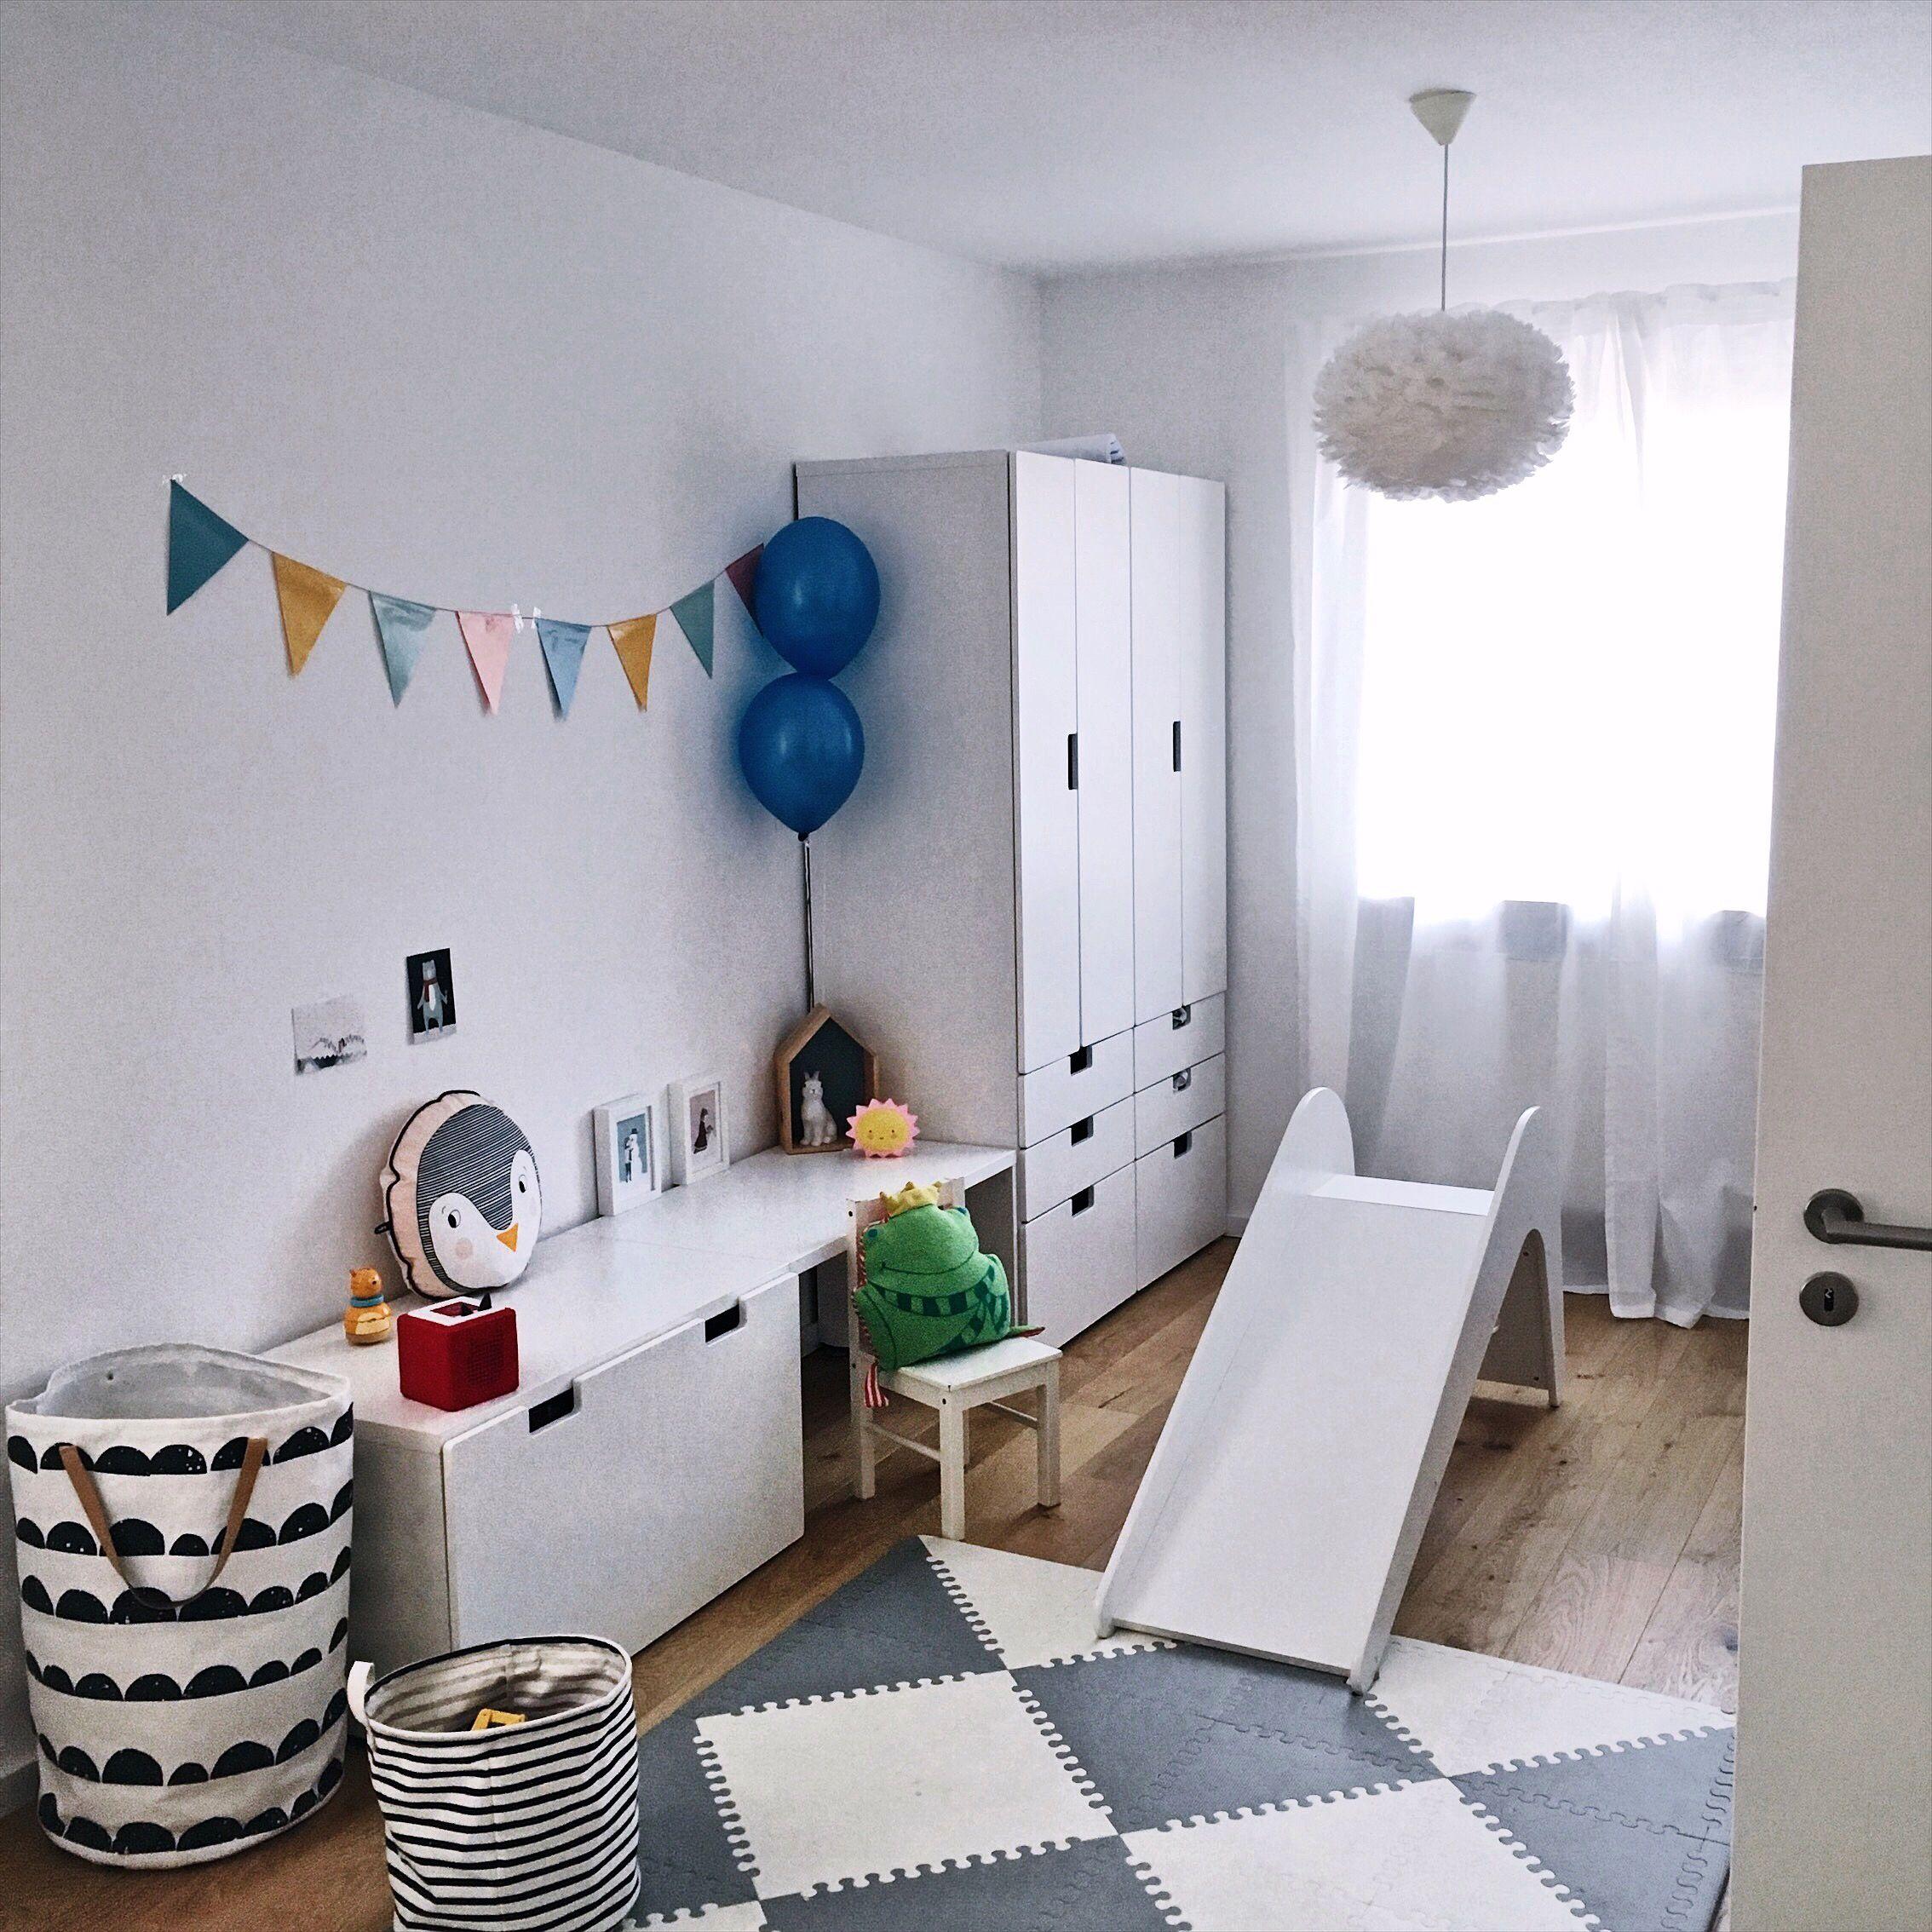 Kinderzimmer für Kleinkinder. Die Rutsche ist der Renner